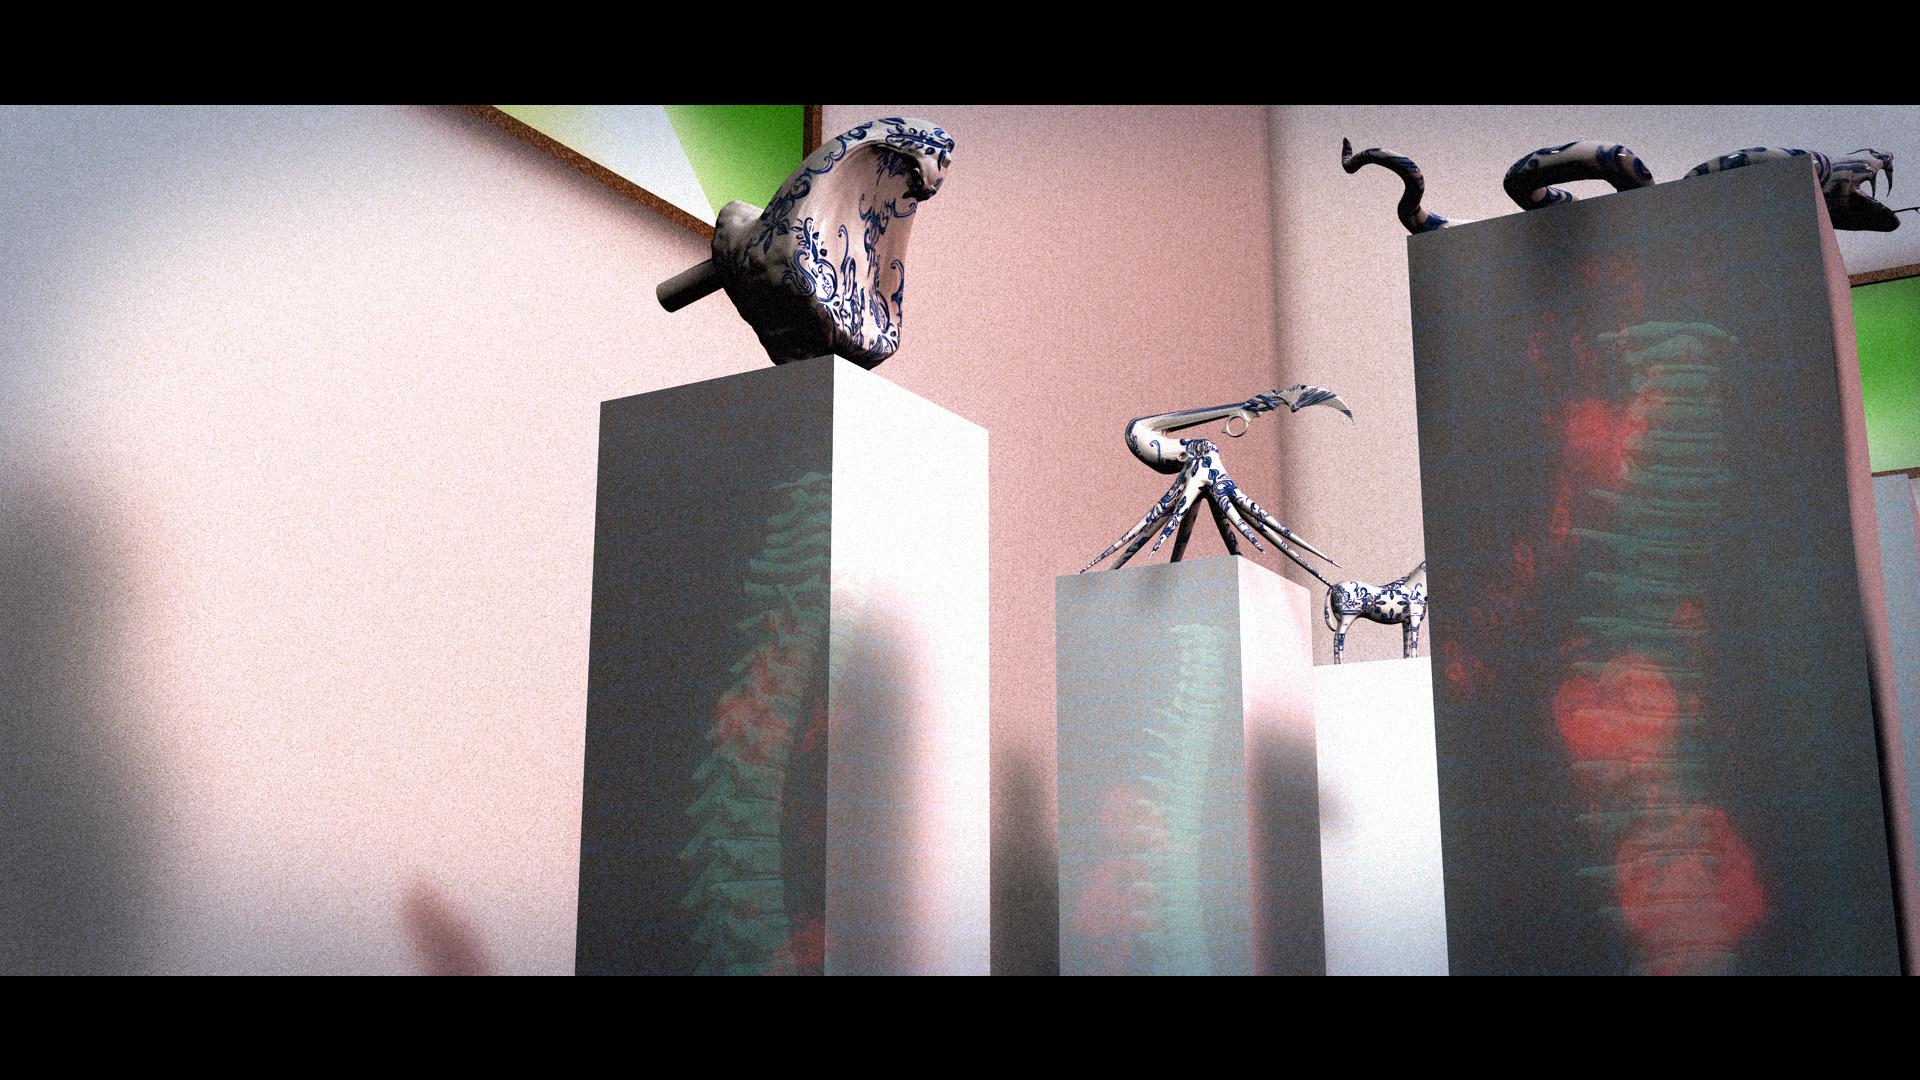 Maraschino Pedestals